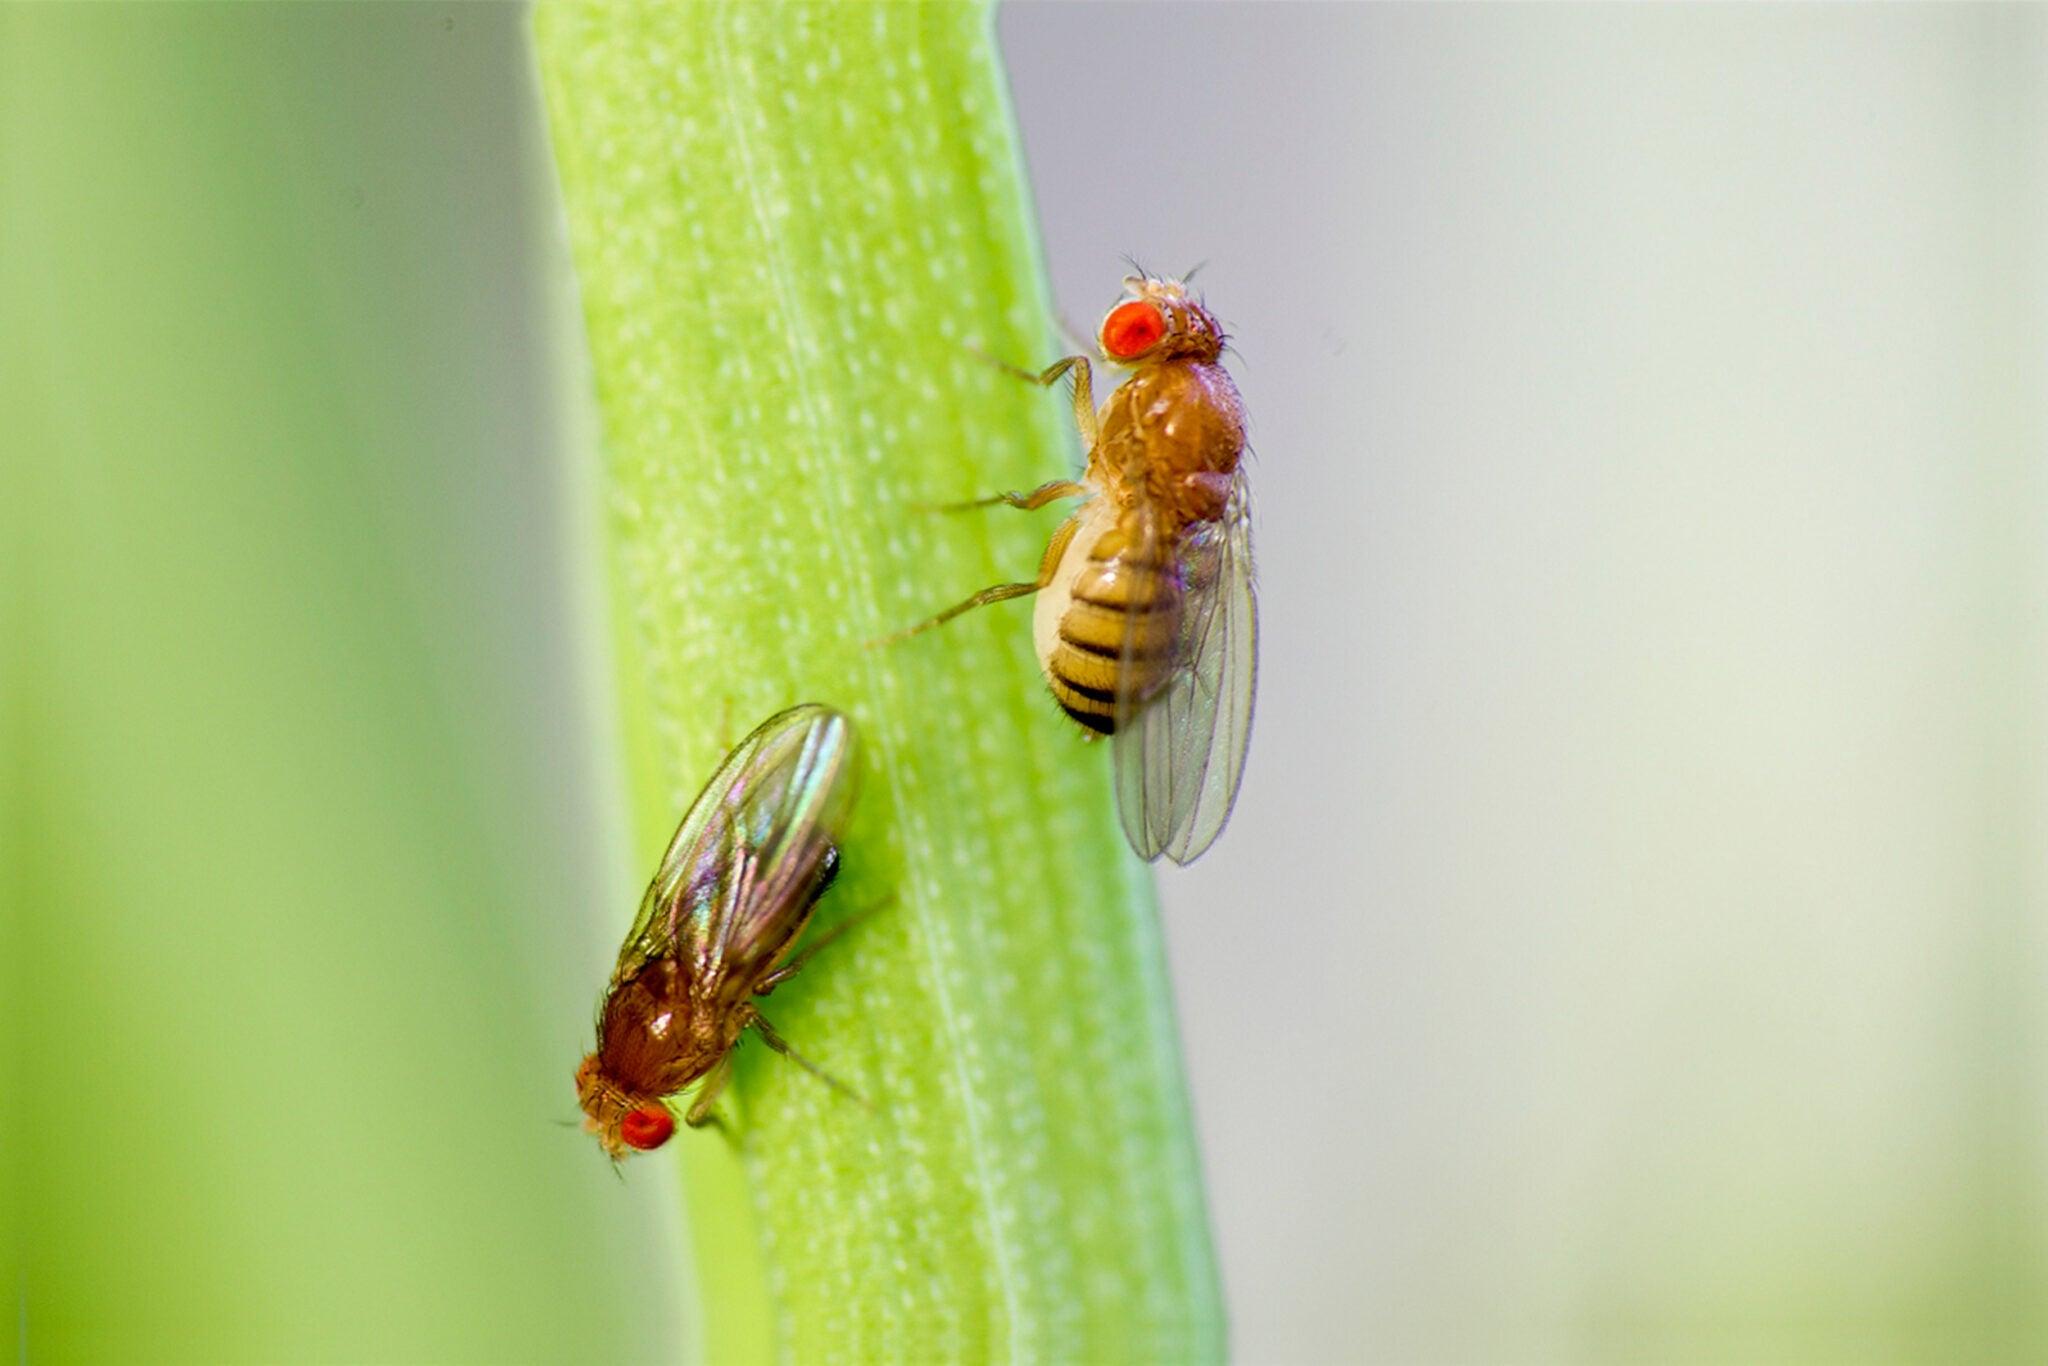 Fruit flies have mind